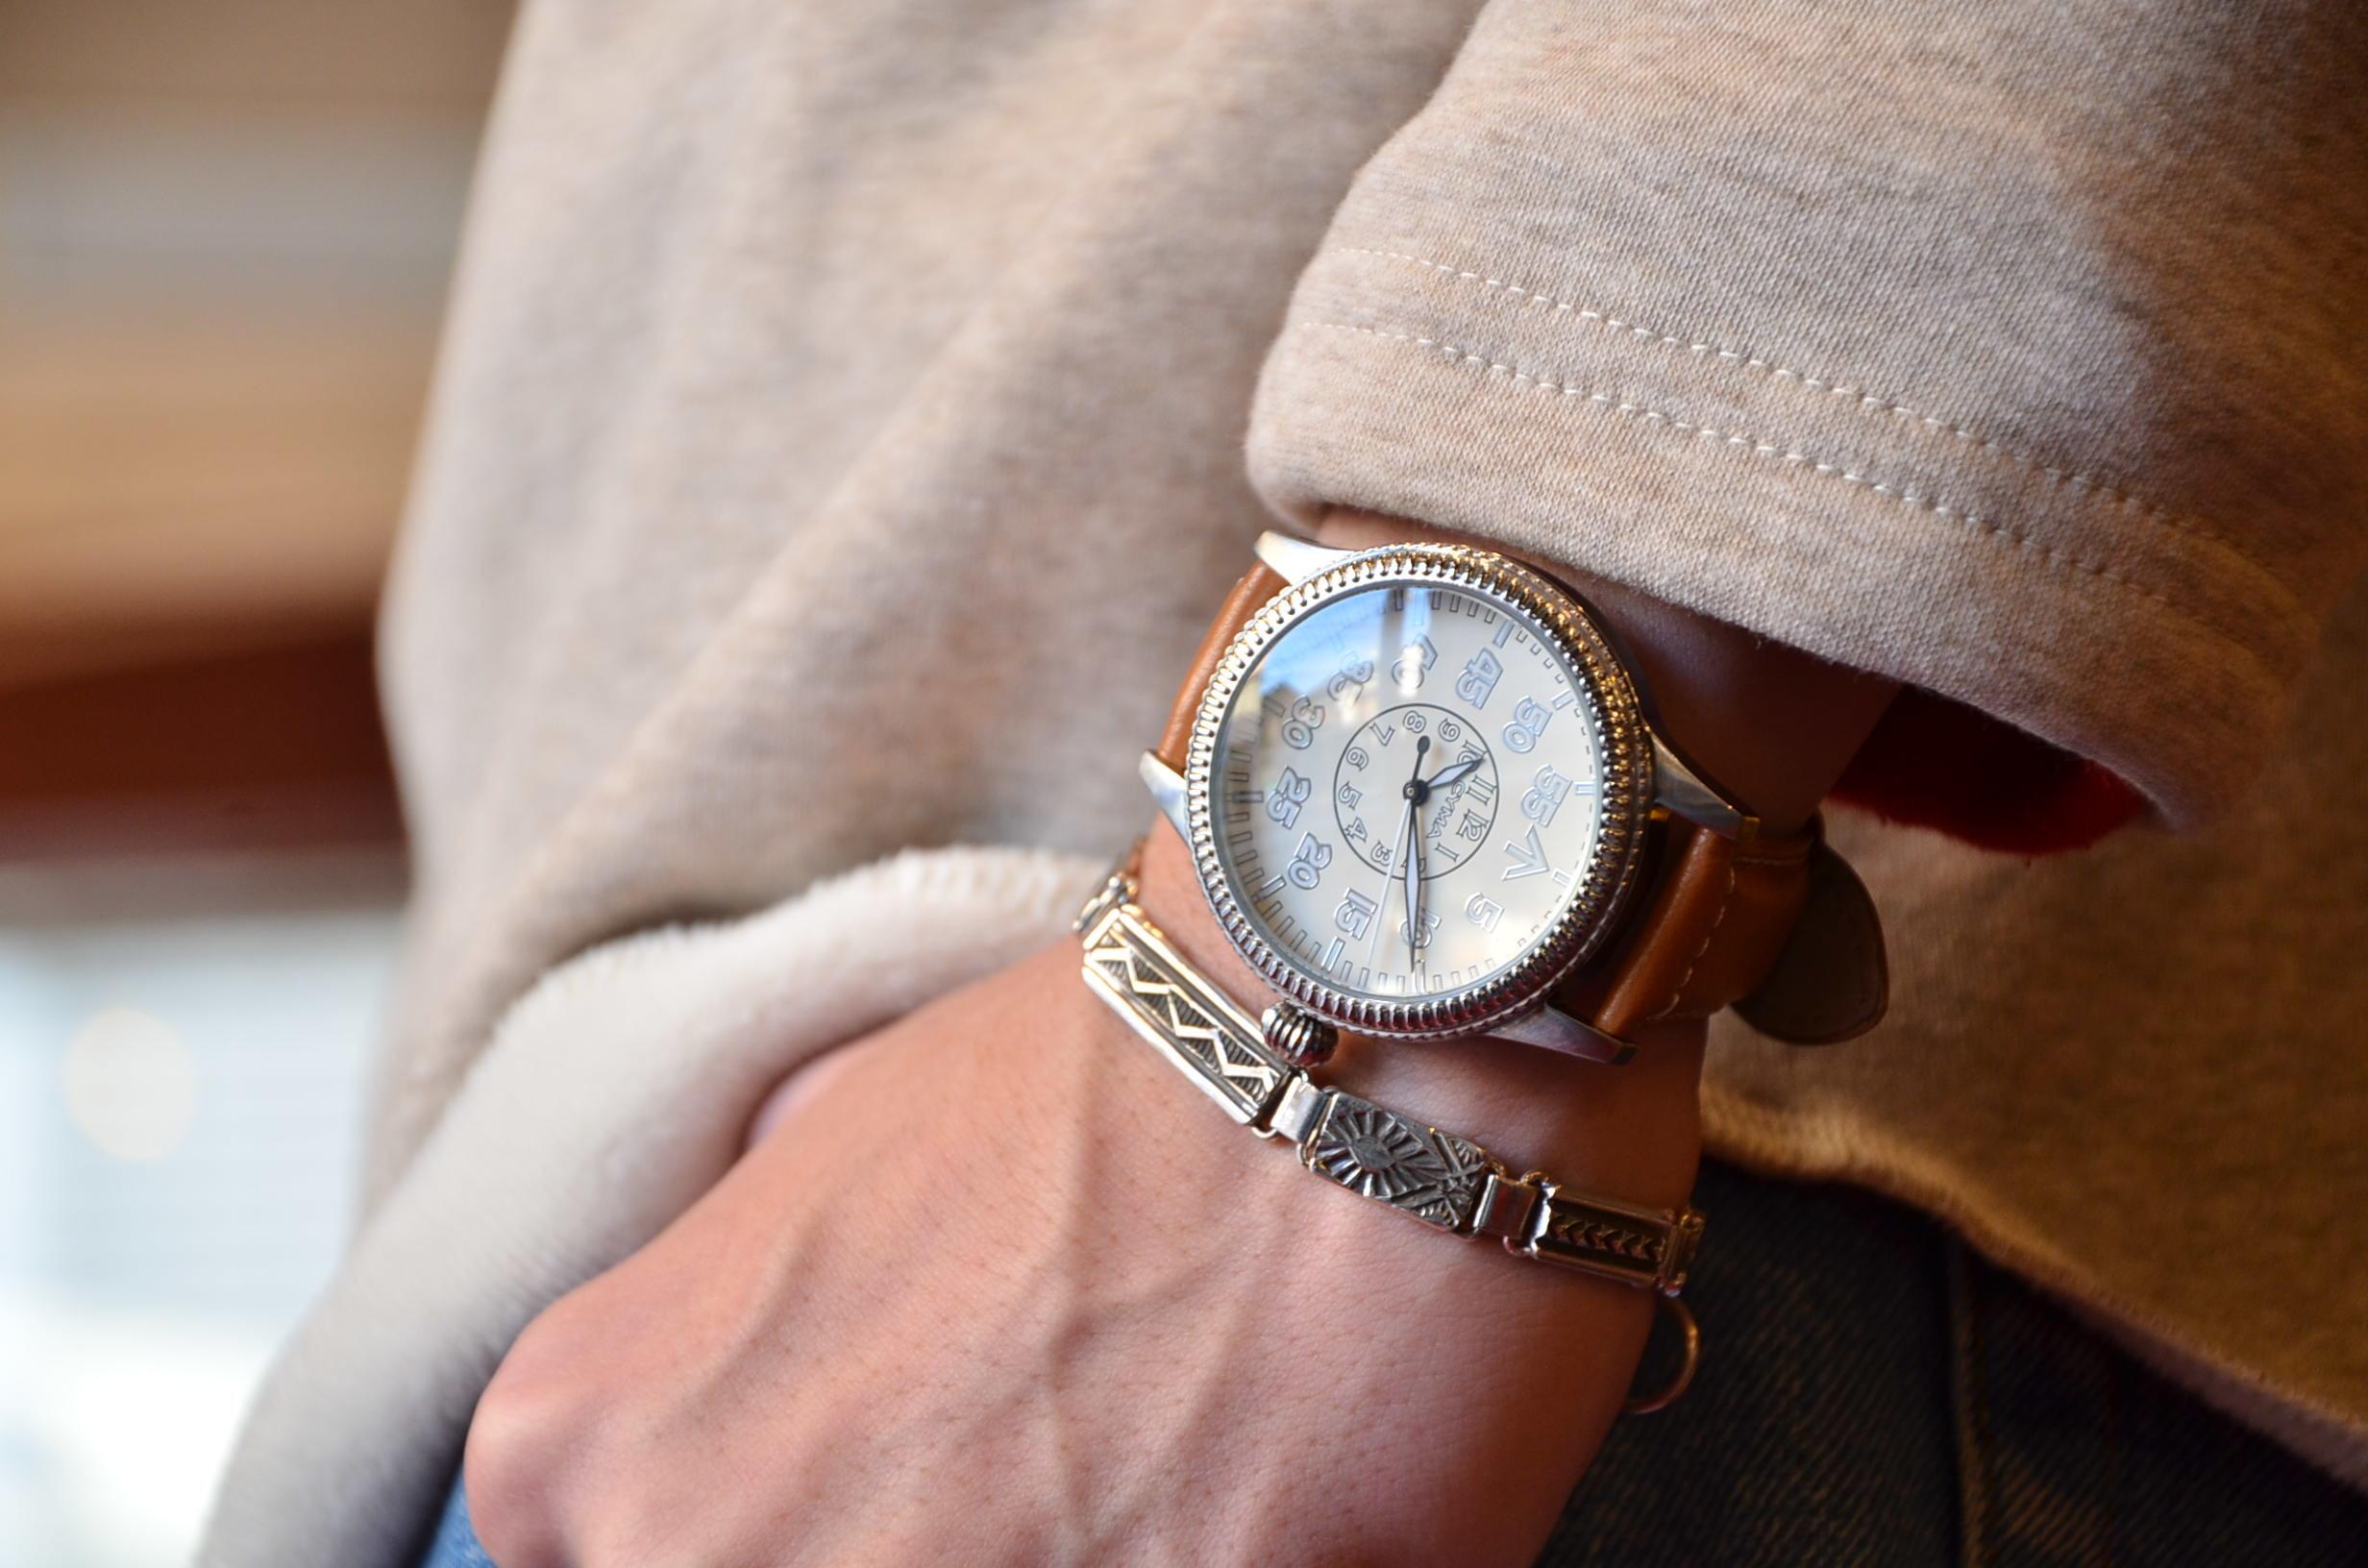 クリスマスギフトにも最適な腕時計_c0167336_15375375.jpg